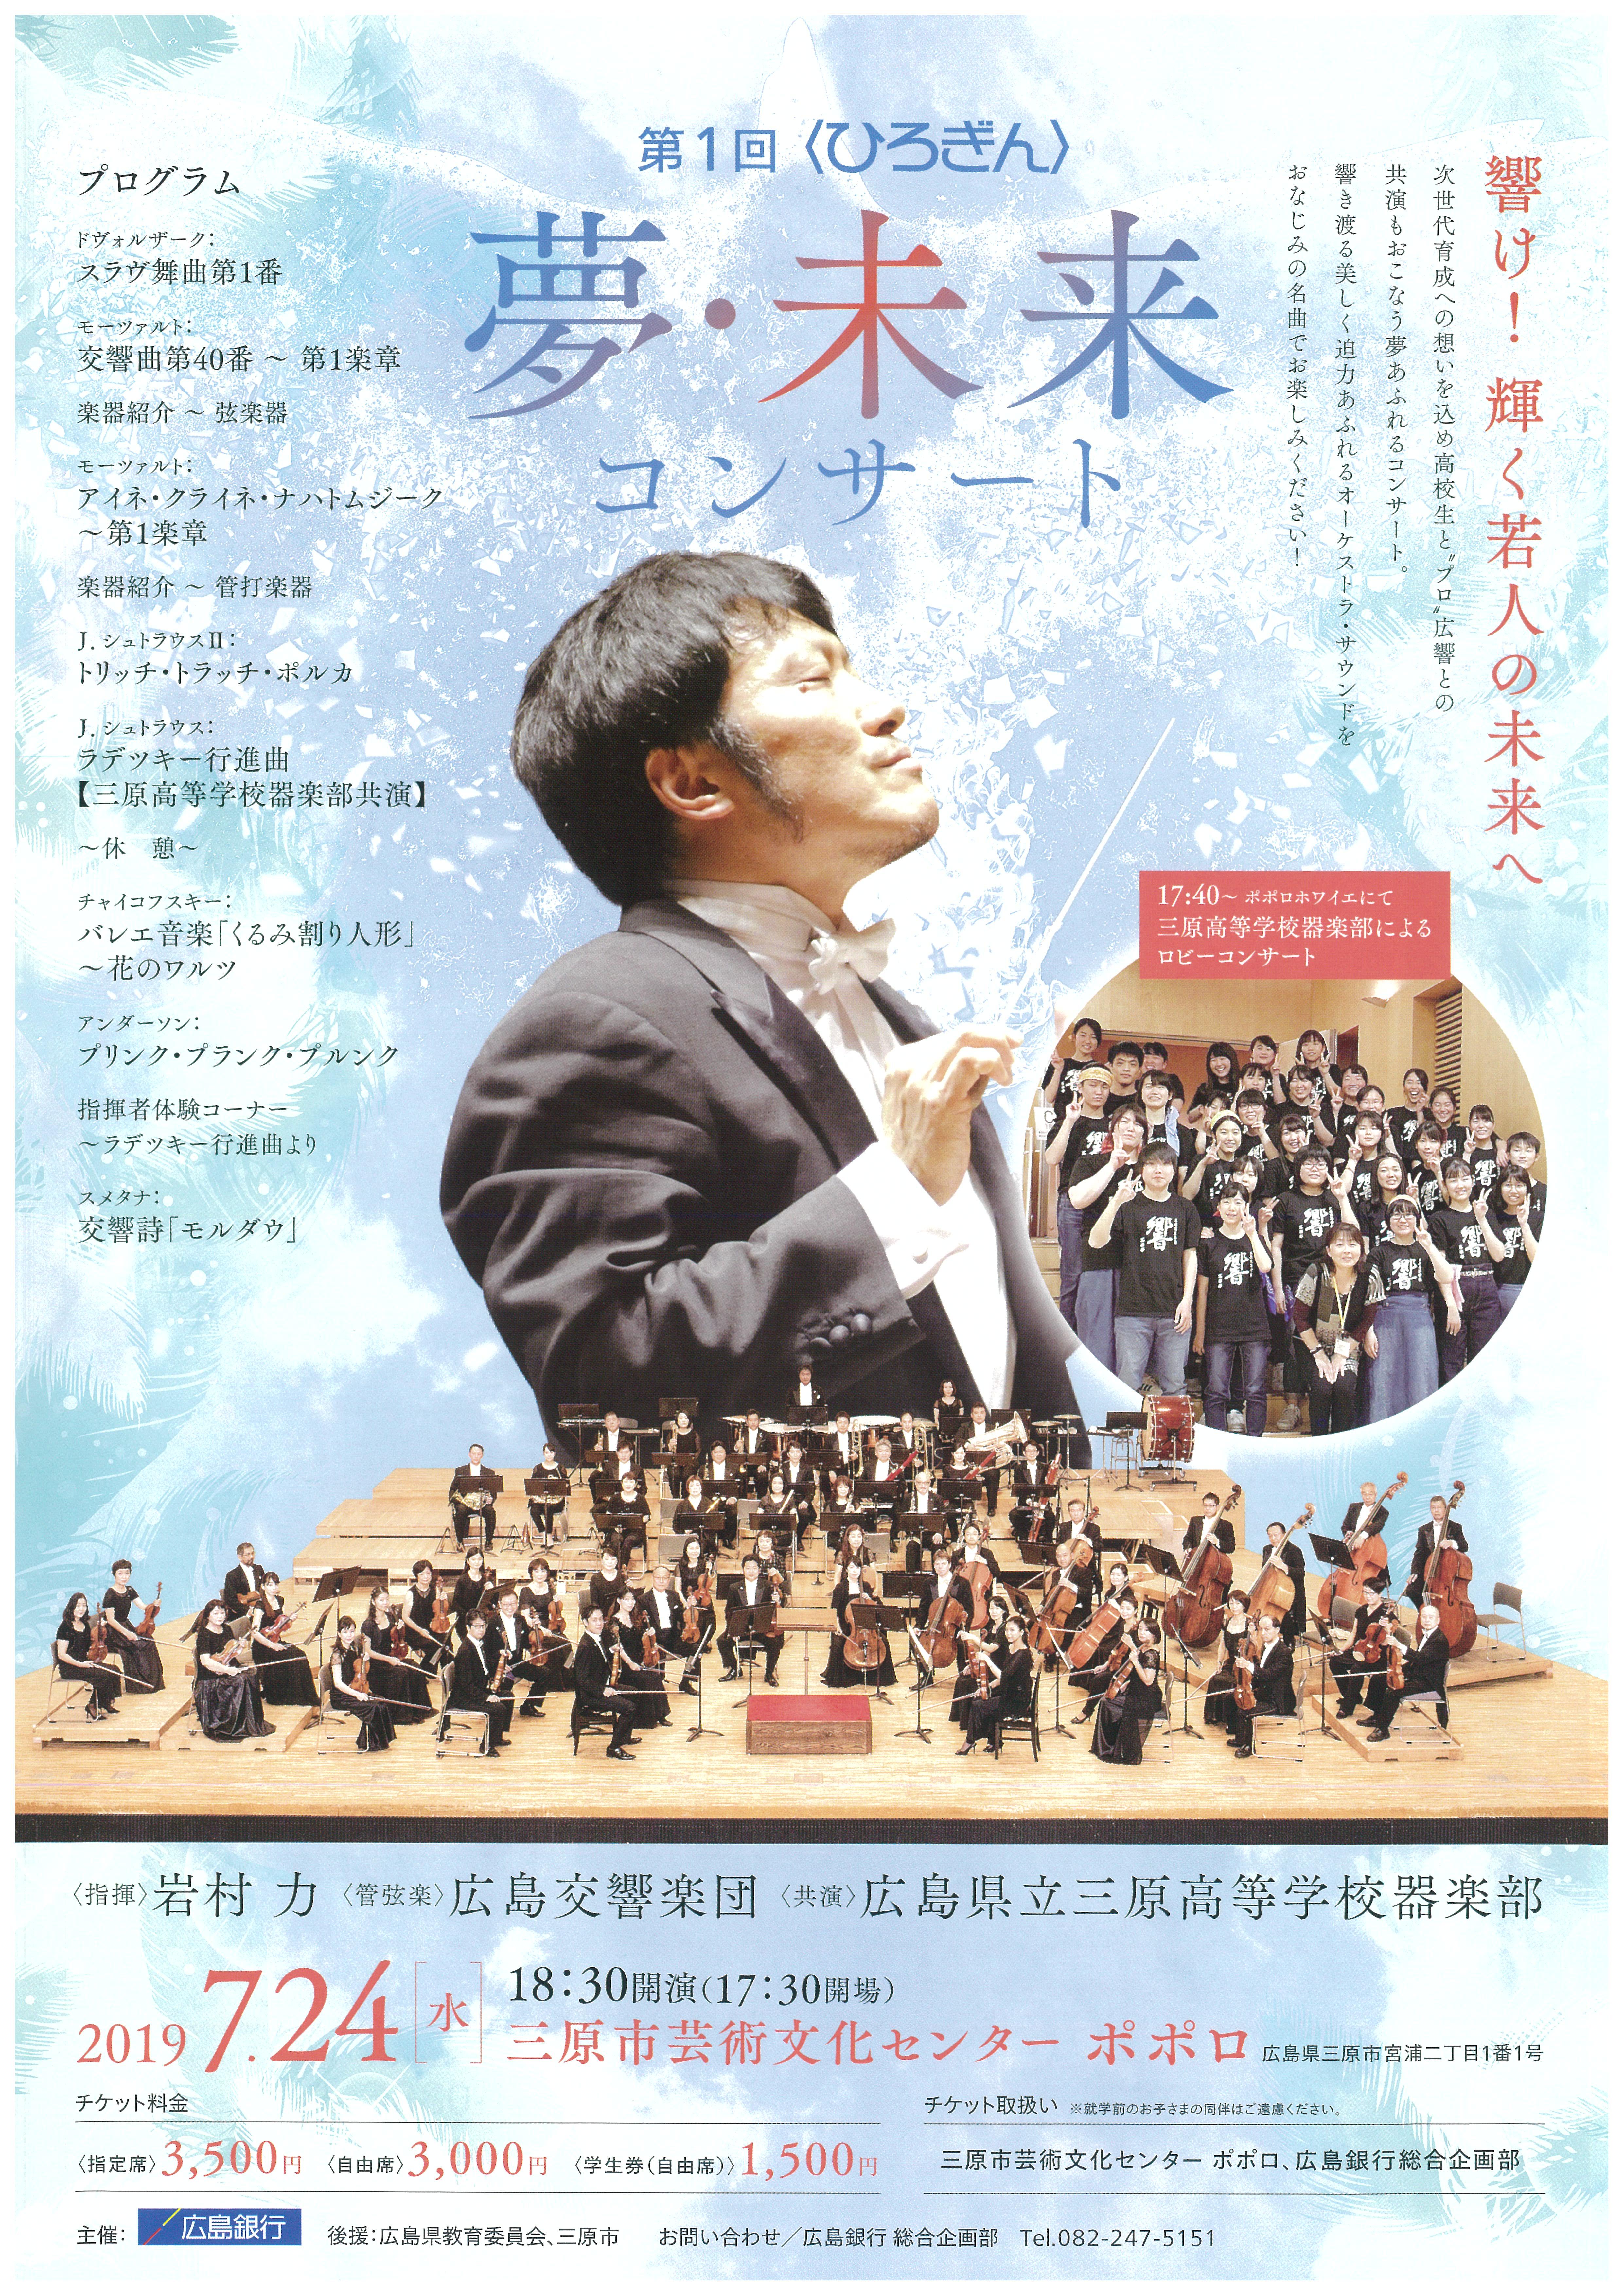 第1回〈ひろぎん〉夢・未来コンサート